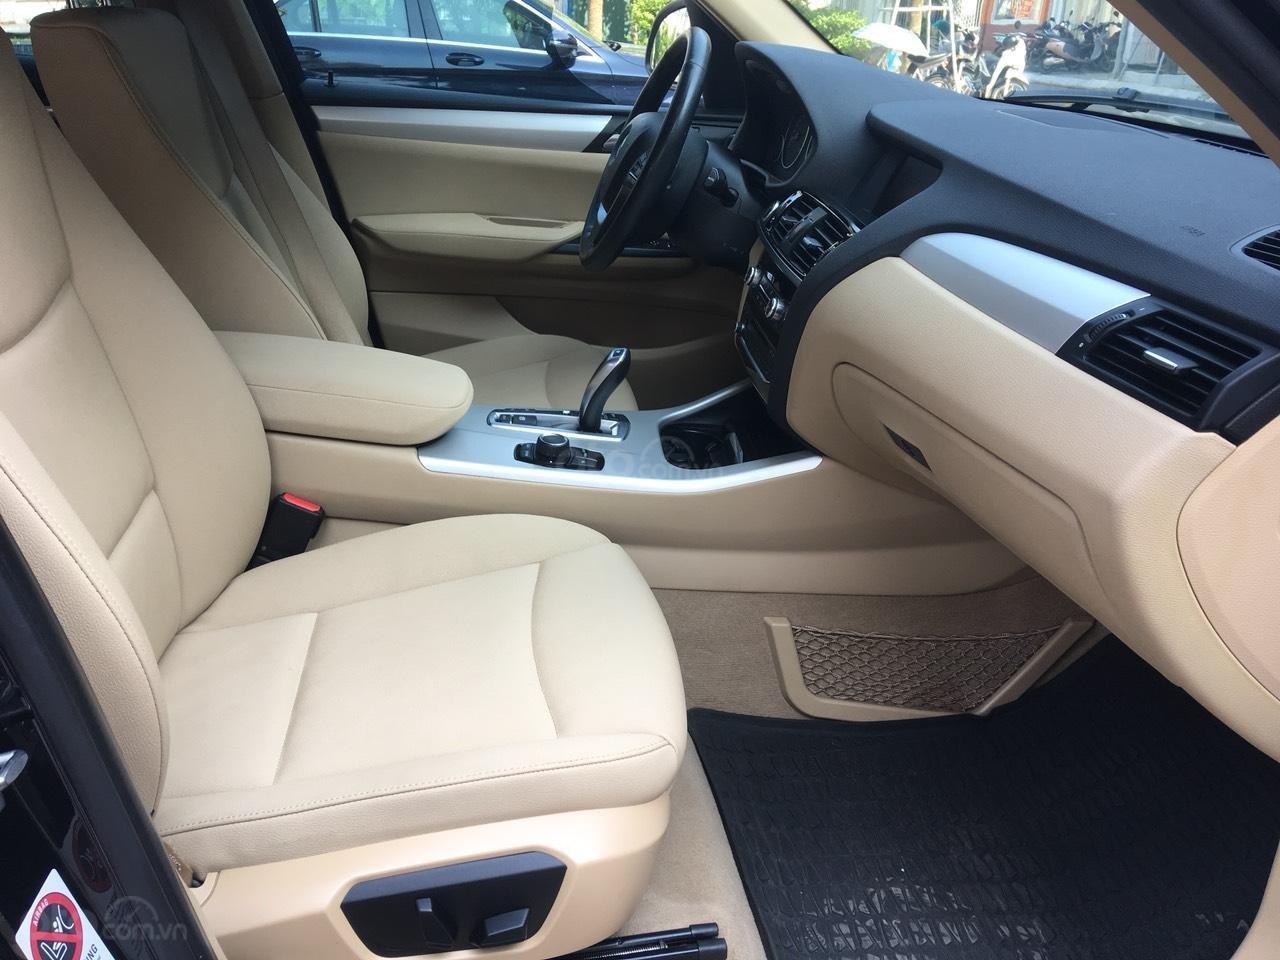 BMW X3 model 2015, máy dầu hàng độc (11)